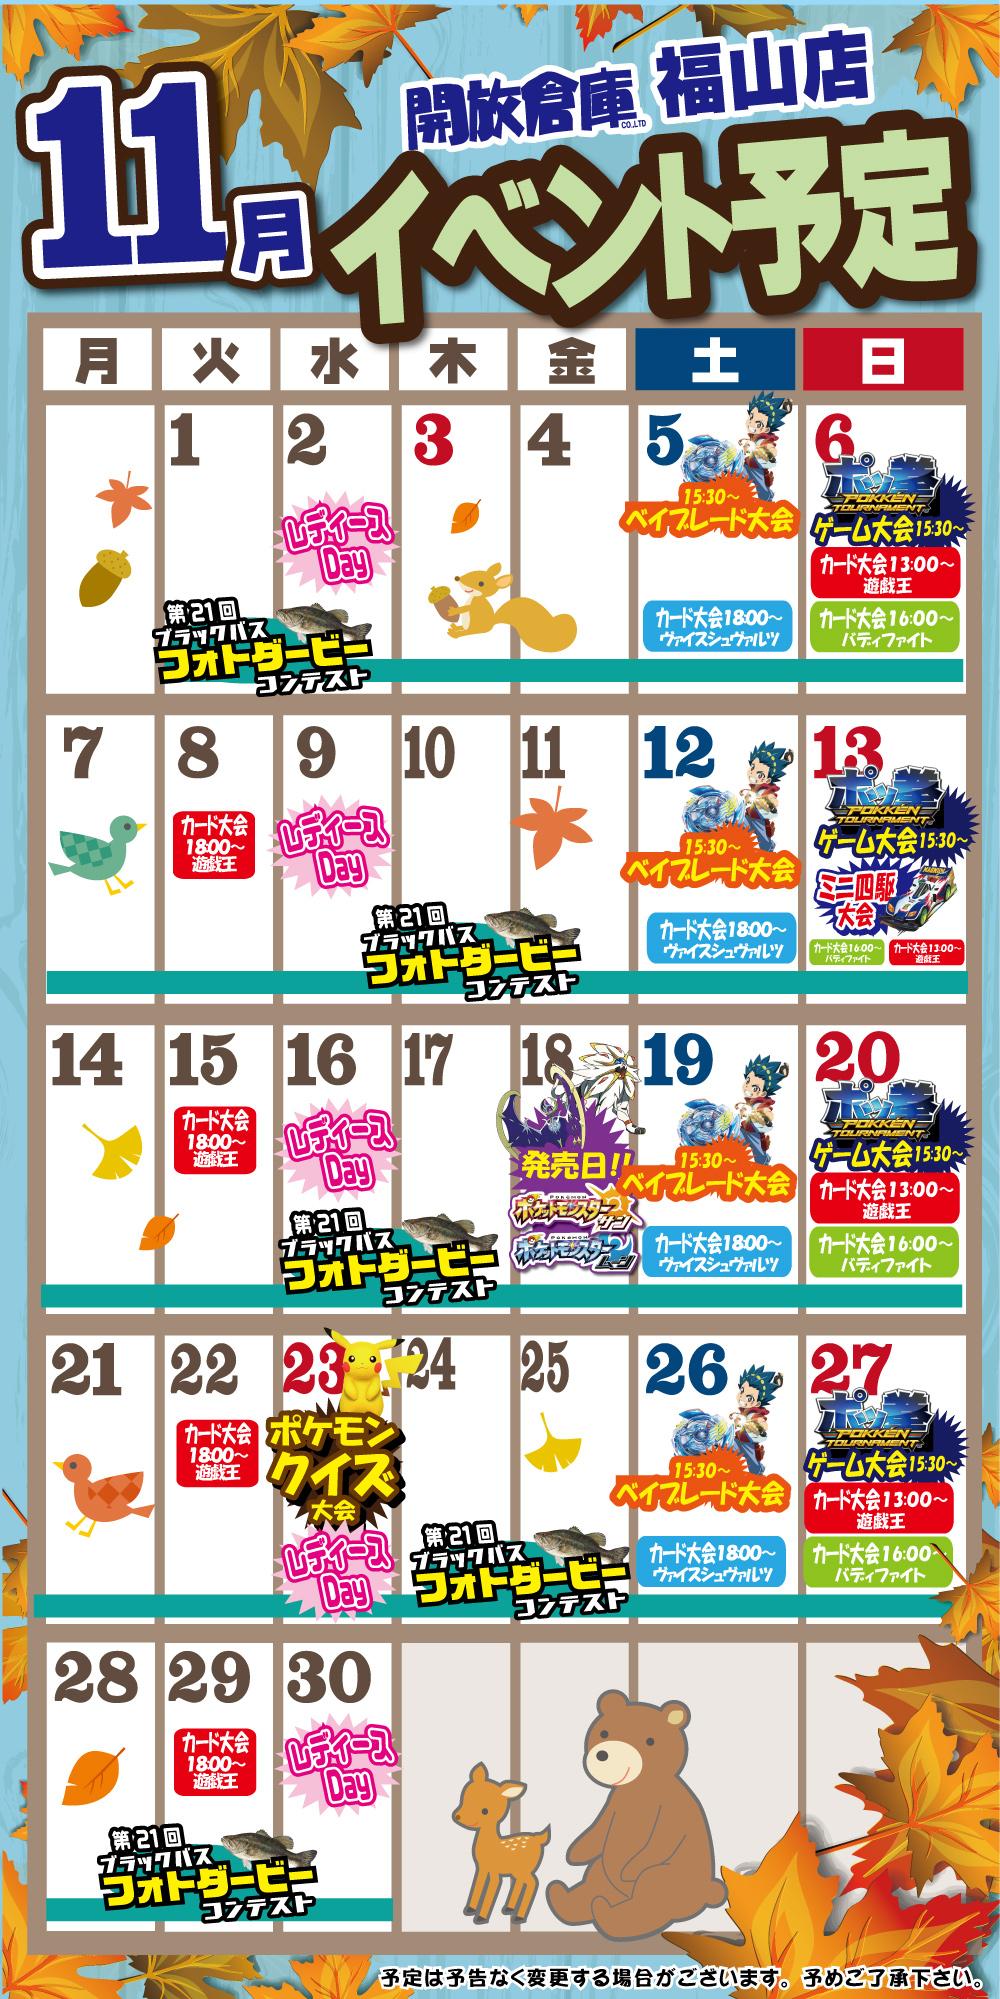 「開放倉庫福山店」2016年11月のイベントカレンダー掲載しました!